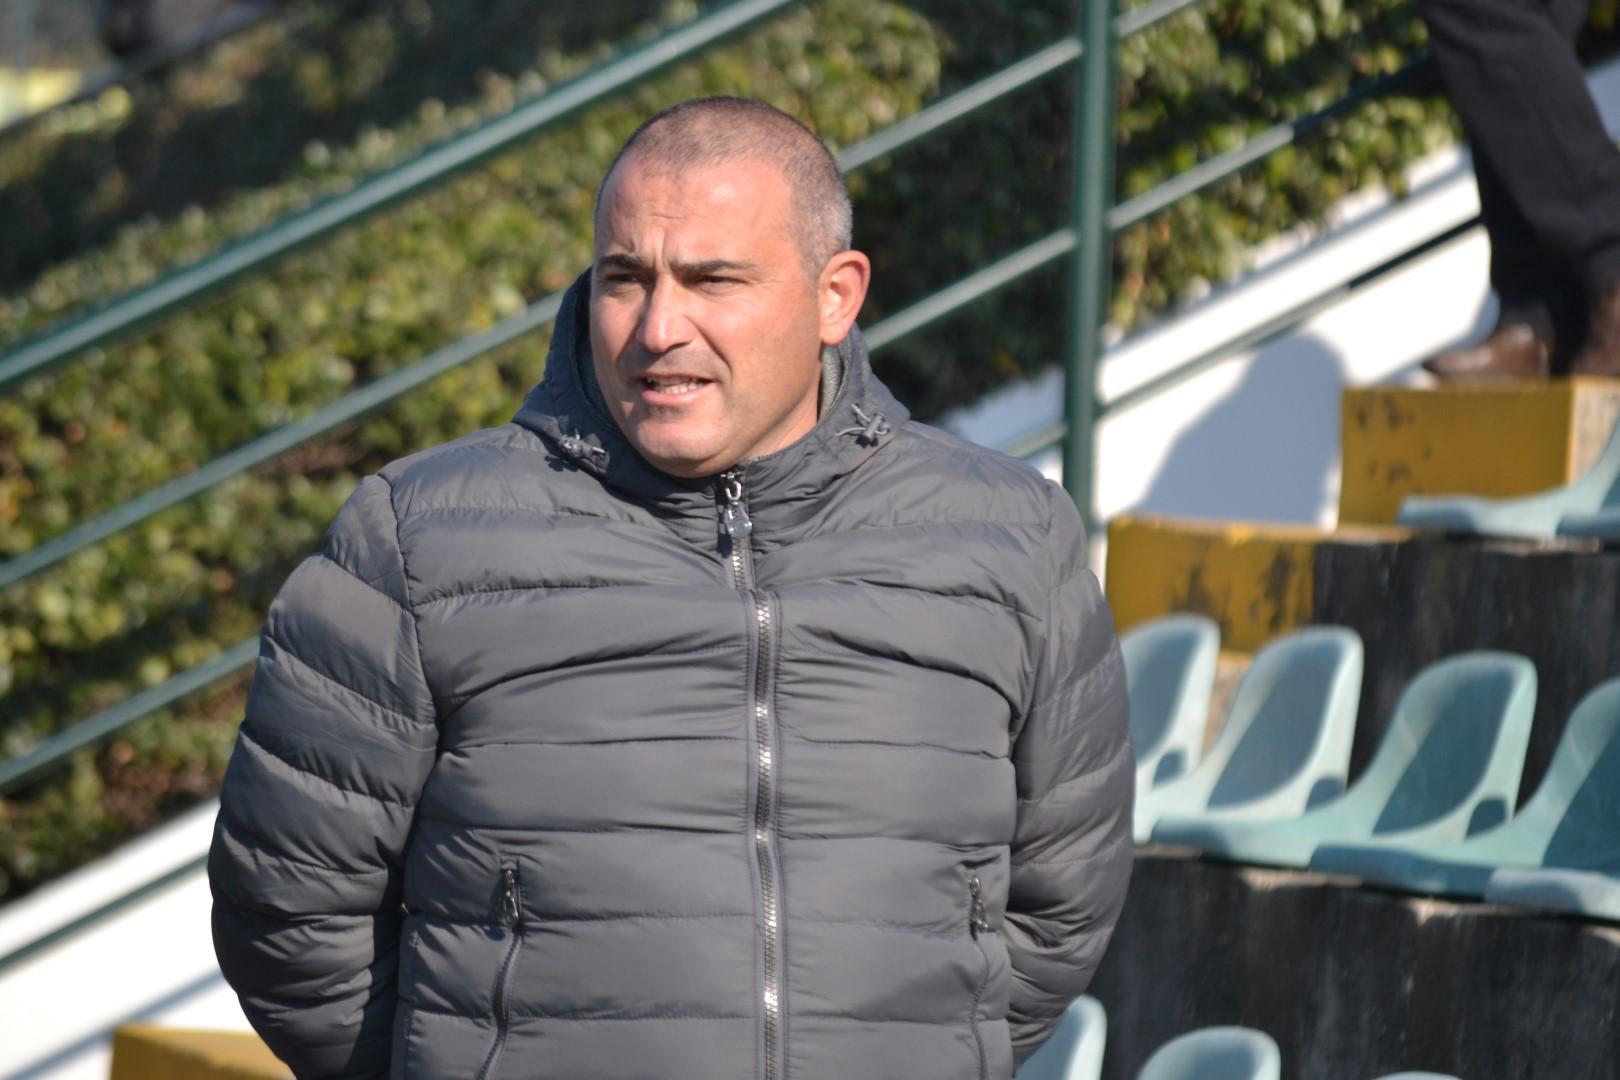 Antonio Paolo Cececotto